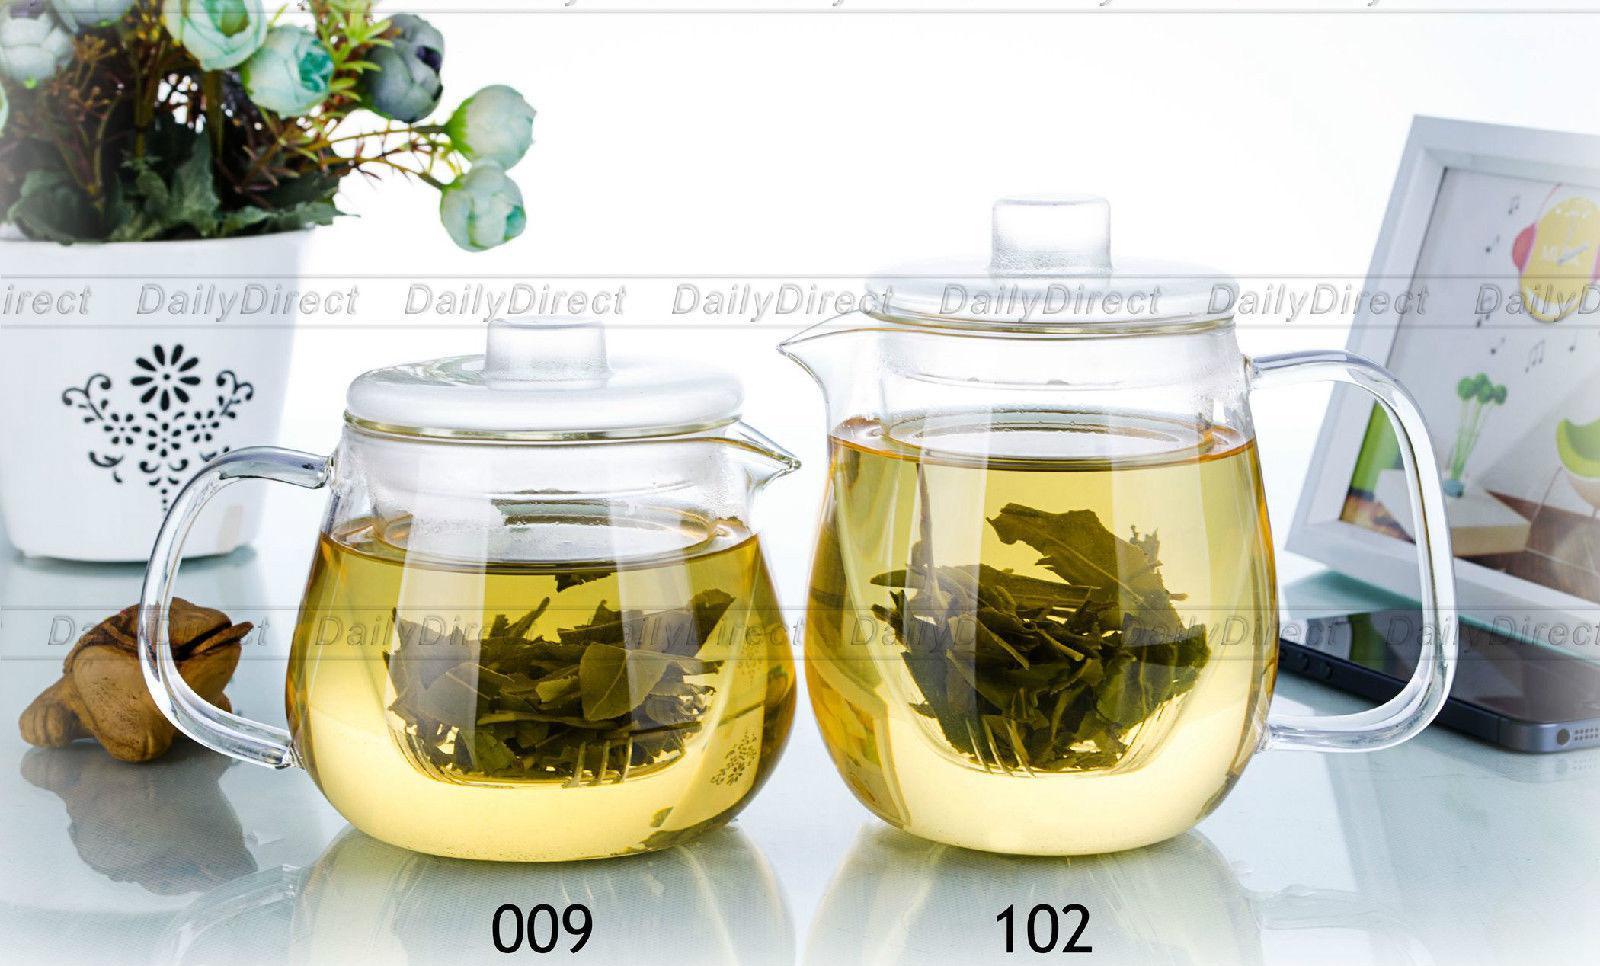 1pc 17 fl.oz 500ml / 18.6 fl.oz 550ml Heat Resistant <font><b>Glass</b></font> Teapot with <font><b>Glass</b></font> infuser w/ Lid